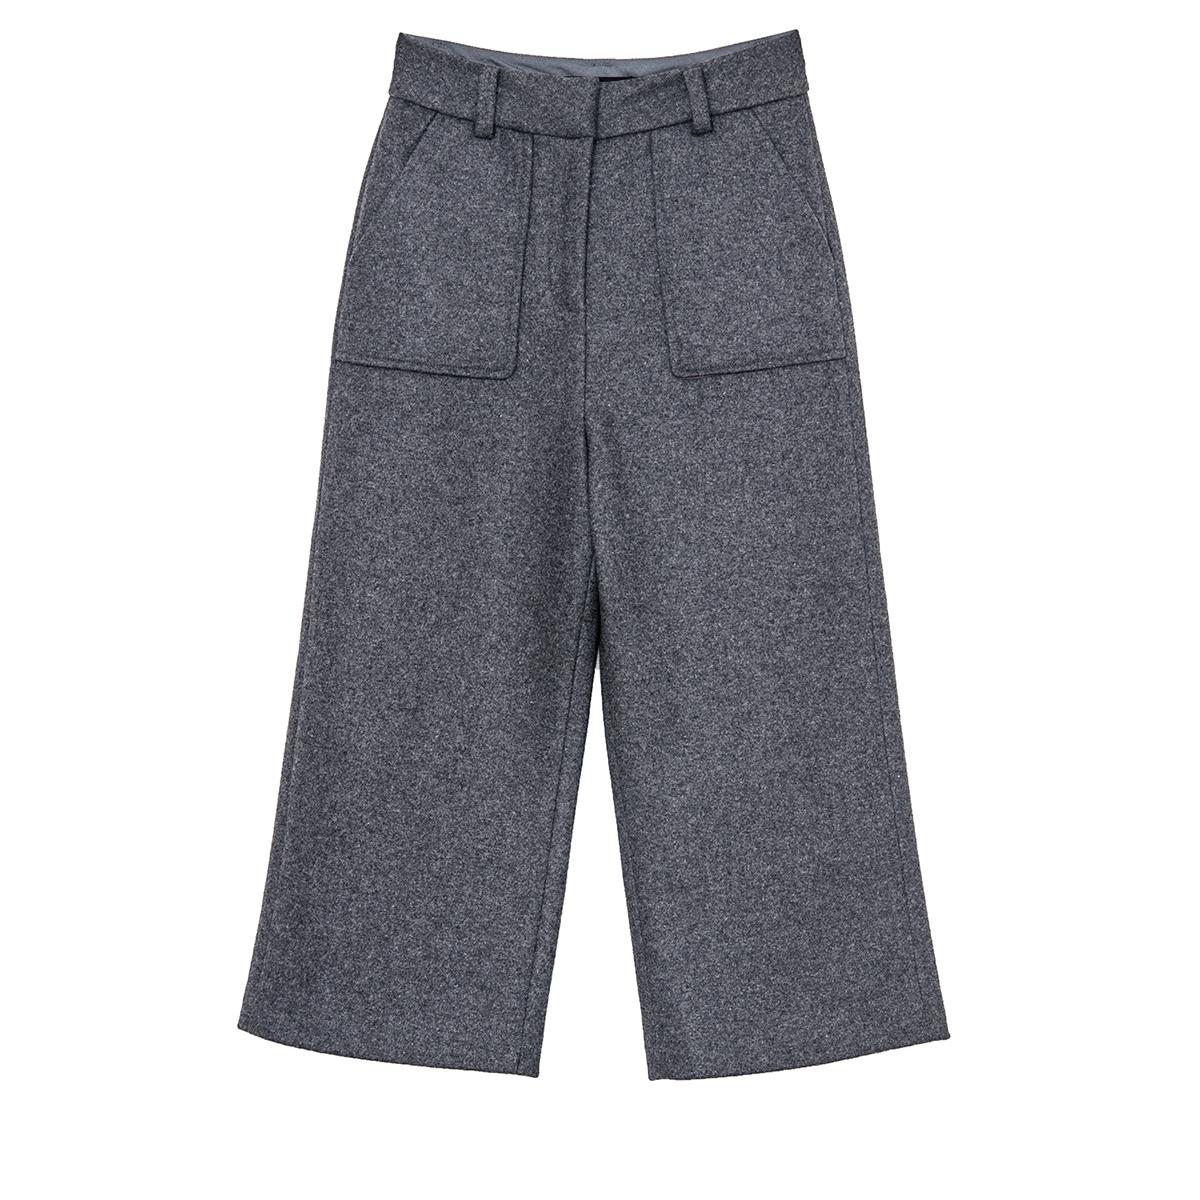 南瓜谷高腰休闲裤百搭宽松毛呢阔腿裤加厚保暖九分女直筒裤K324